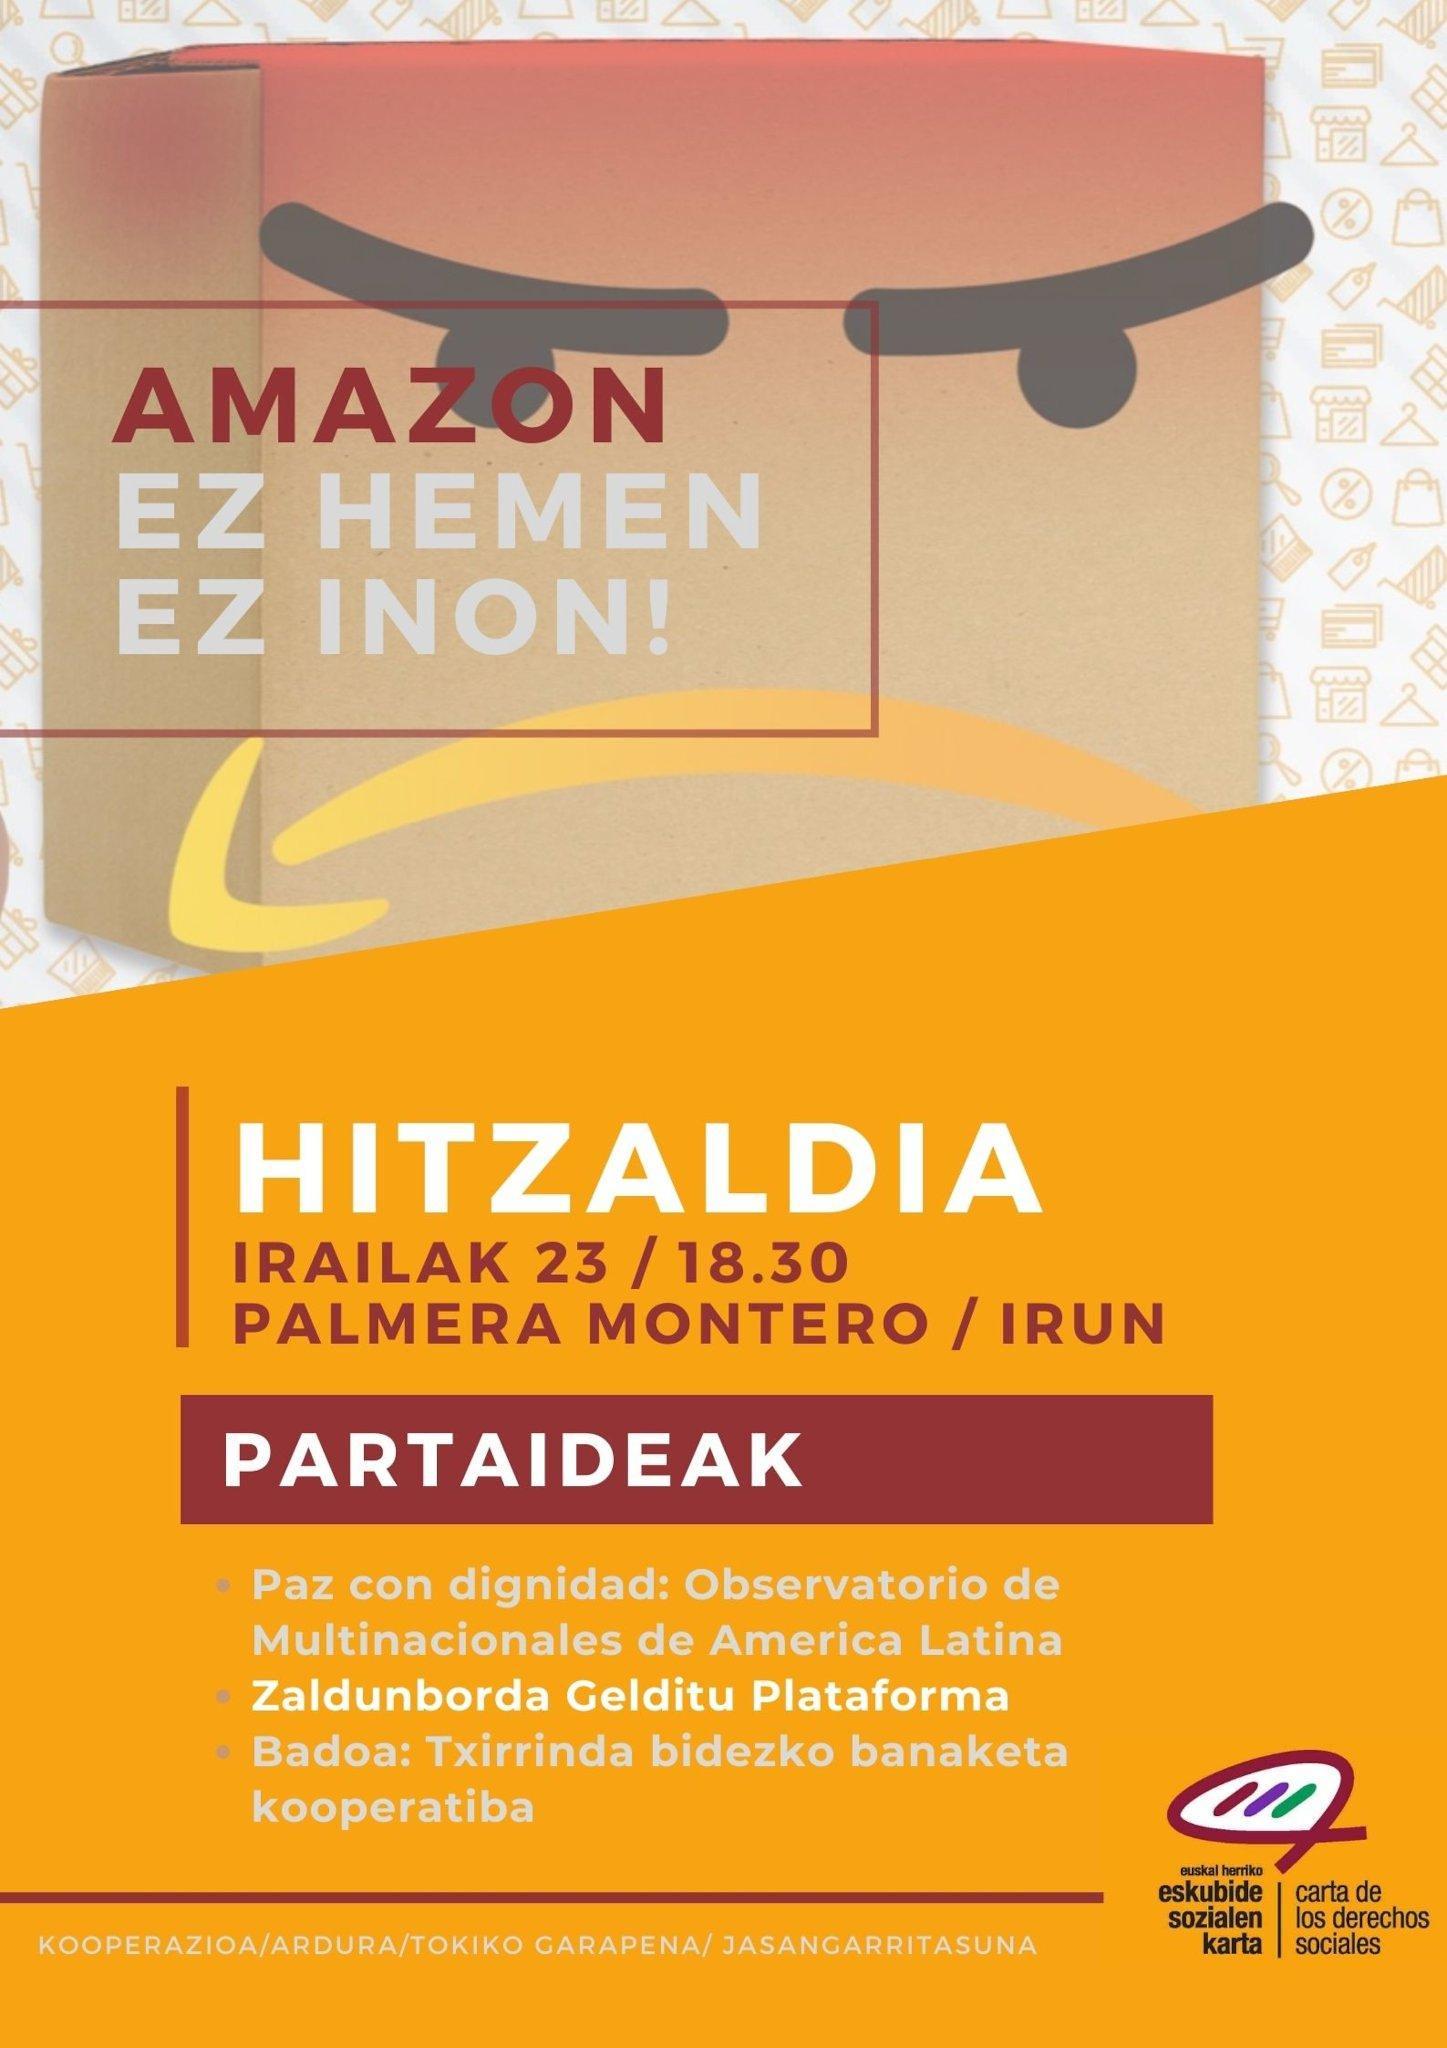 AMAZON KARTELA